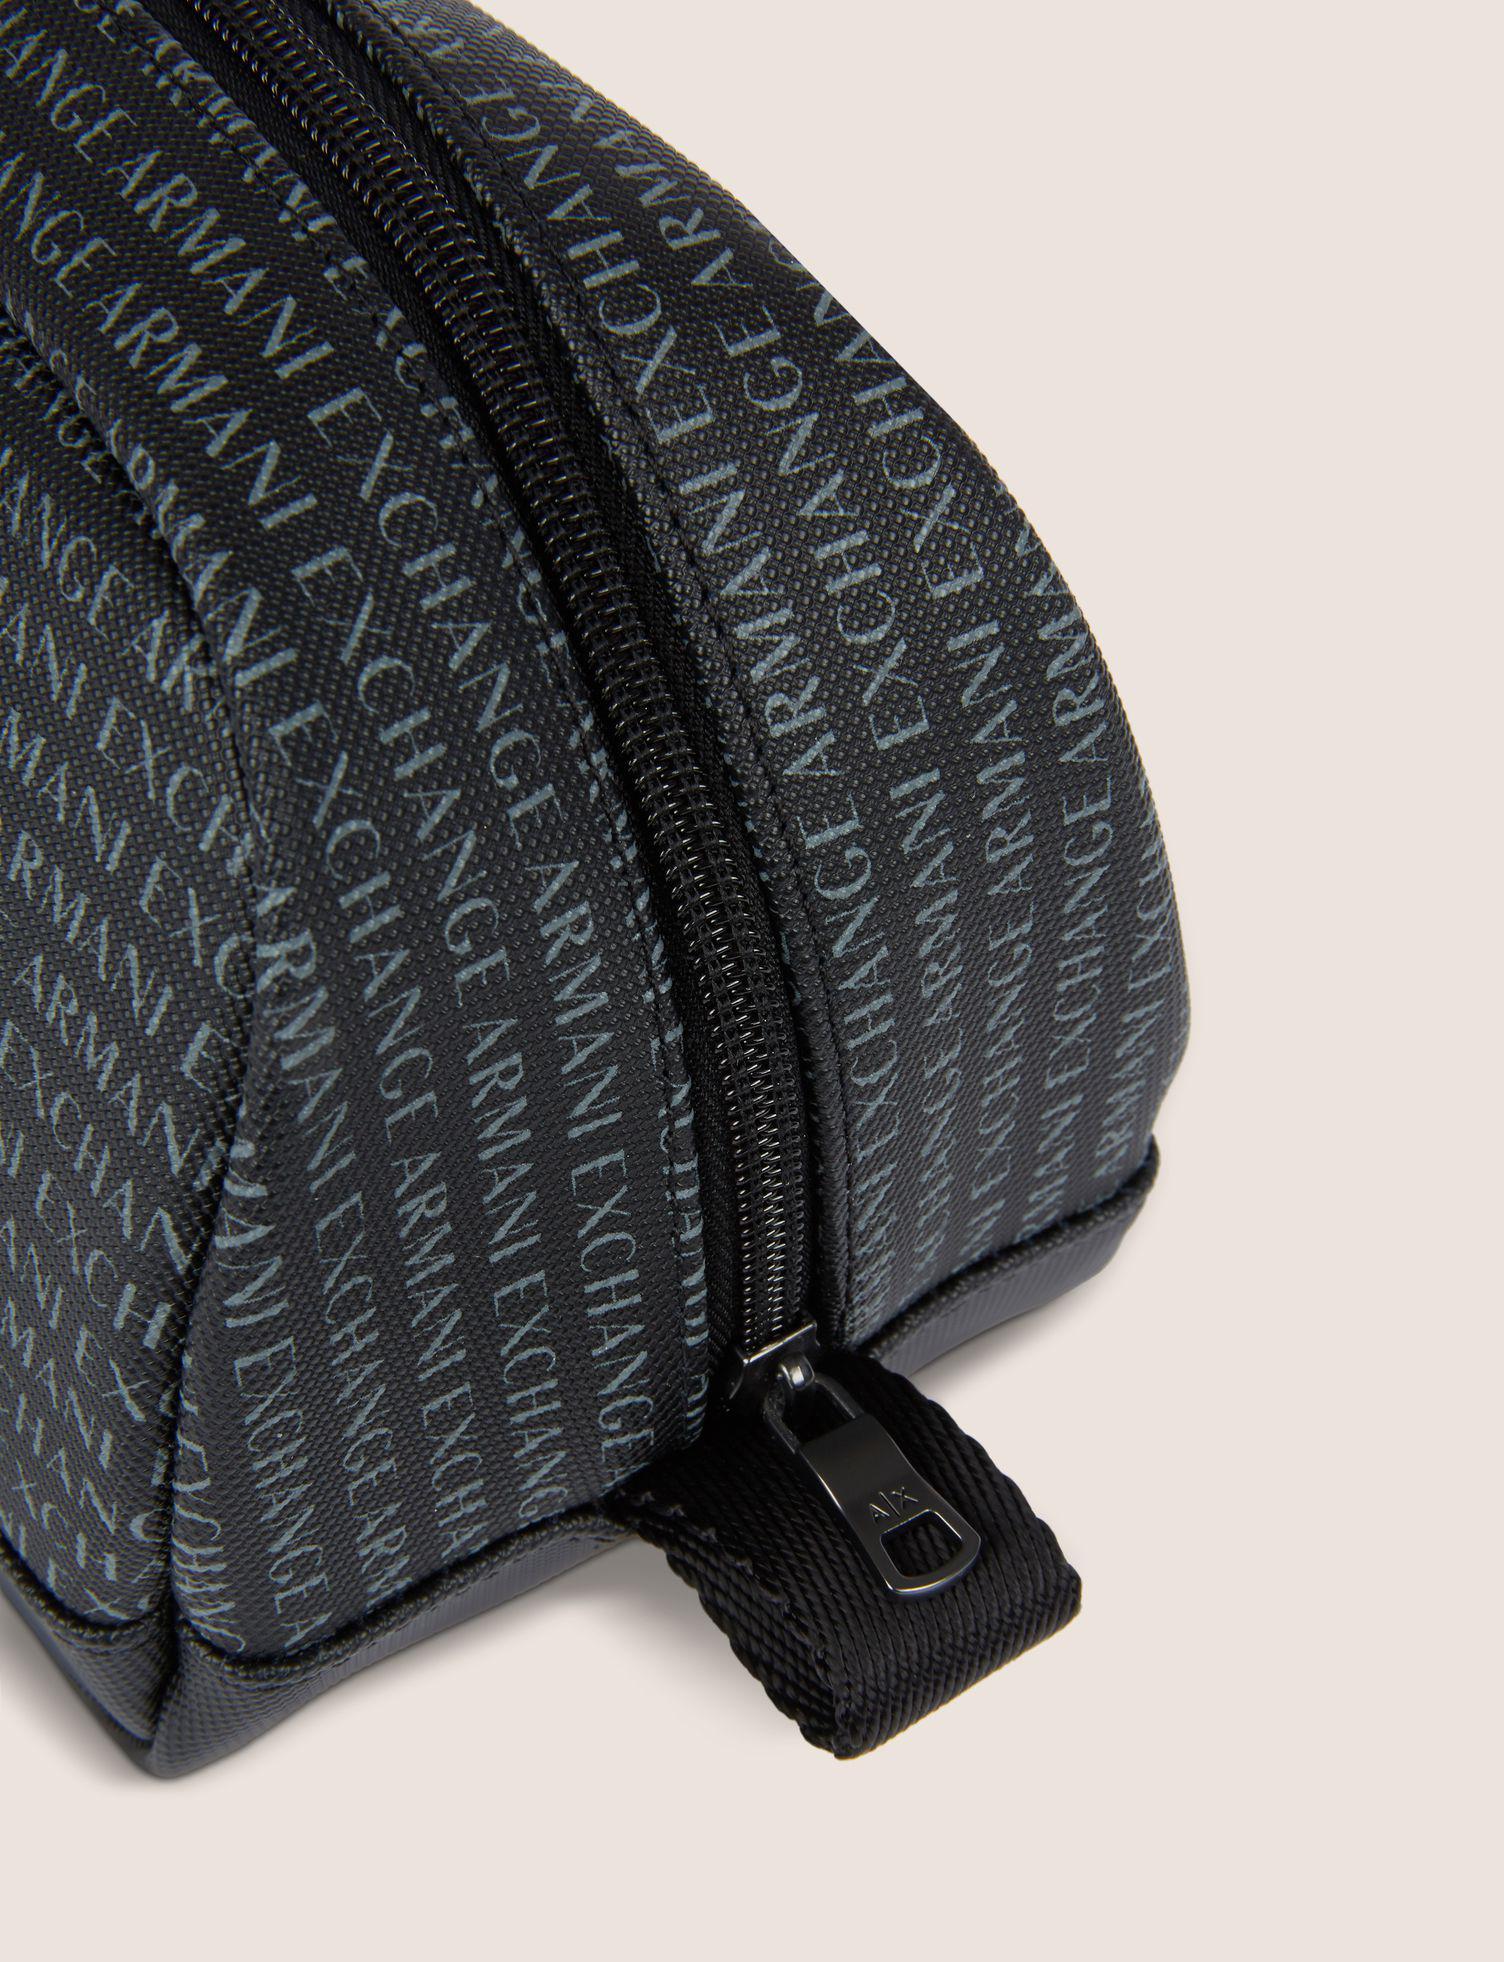 e618a498d8b Lyst - Armani Exchange Allover Logo Dopp Kit in Black for Men